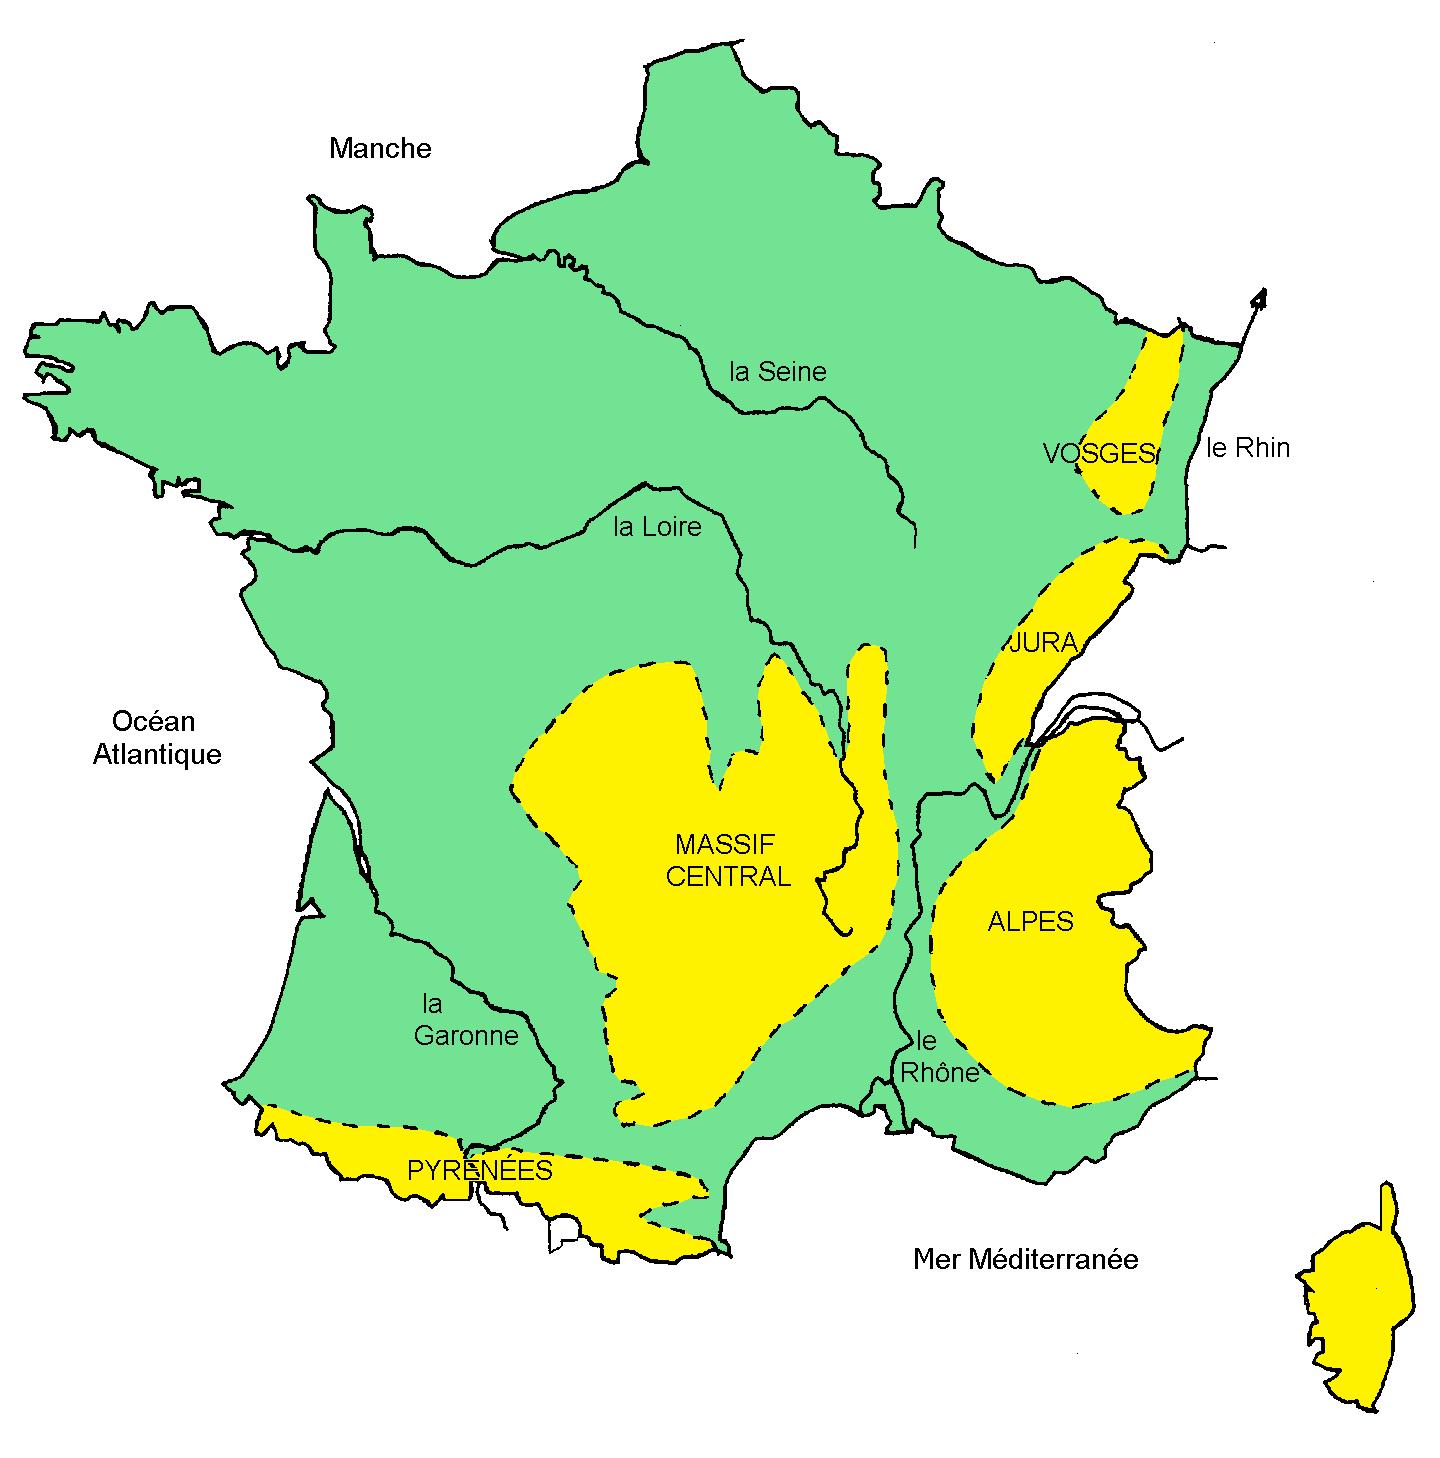 Télécharger Carte De France Fleuves Et Montagnes Vierge Pdf dedans Les Fleuves En France Cycle 3